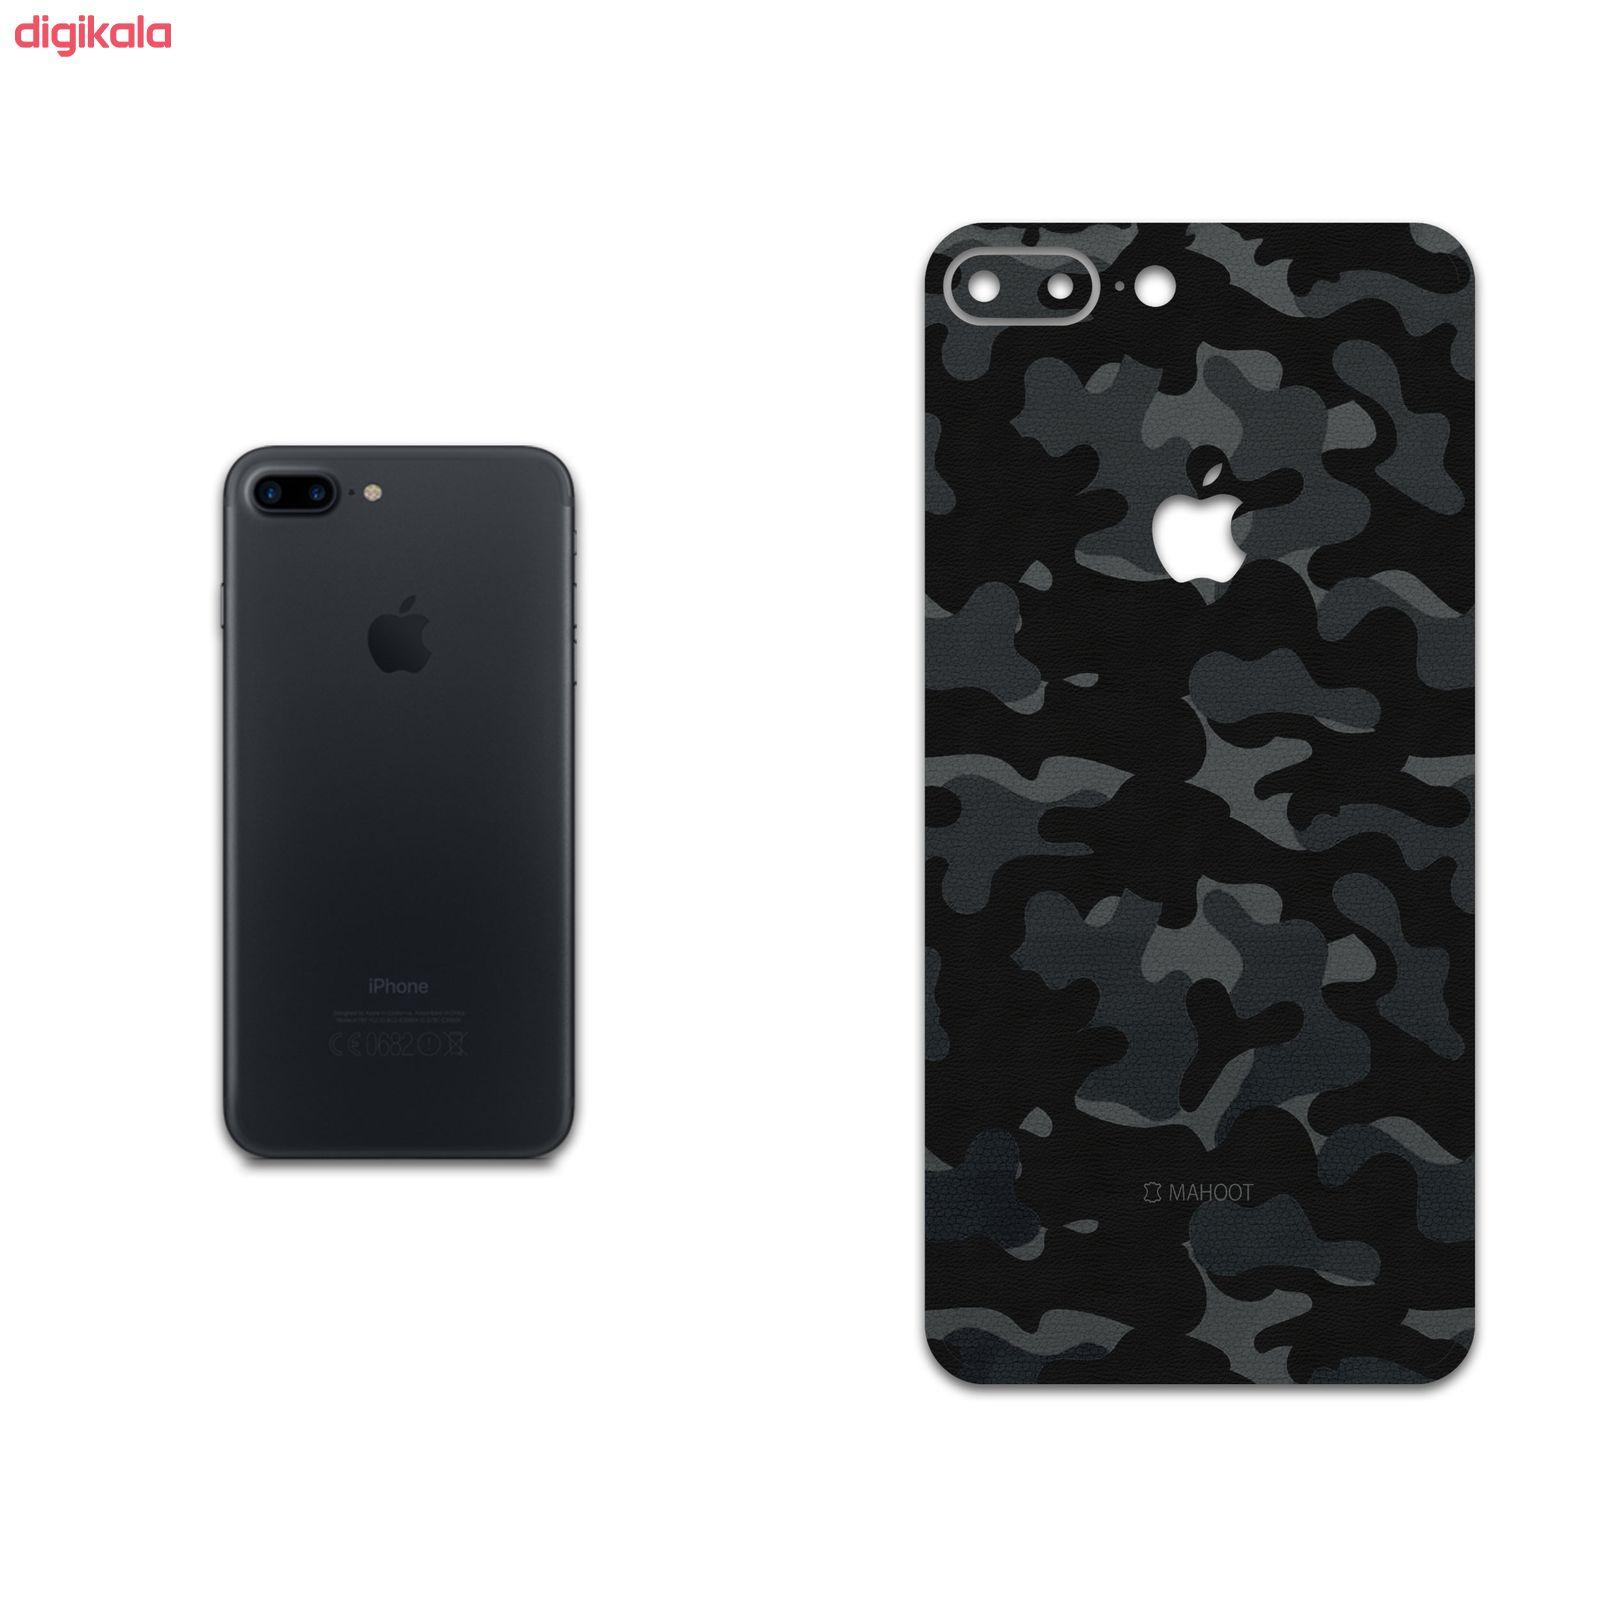 برچسب پوششی ماهوت مدل Night-Army مناسب برای گوشی موبایل اپل iPhone 7 Plus main 1 1